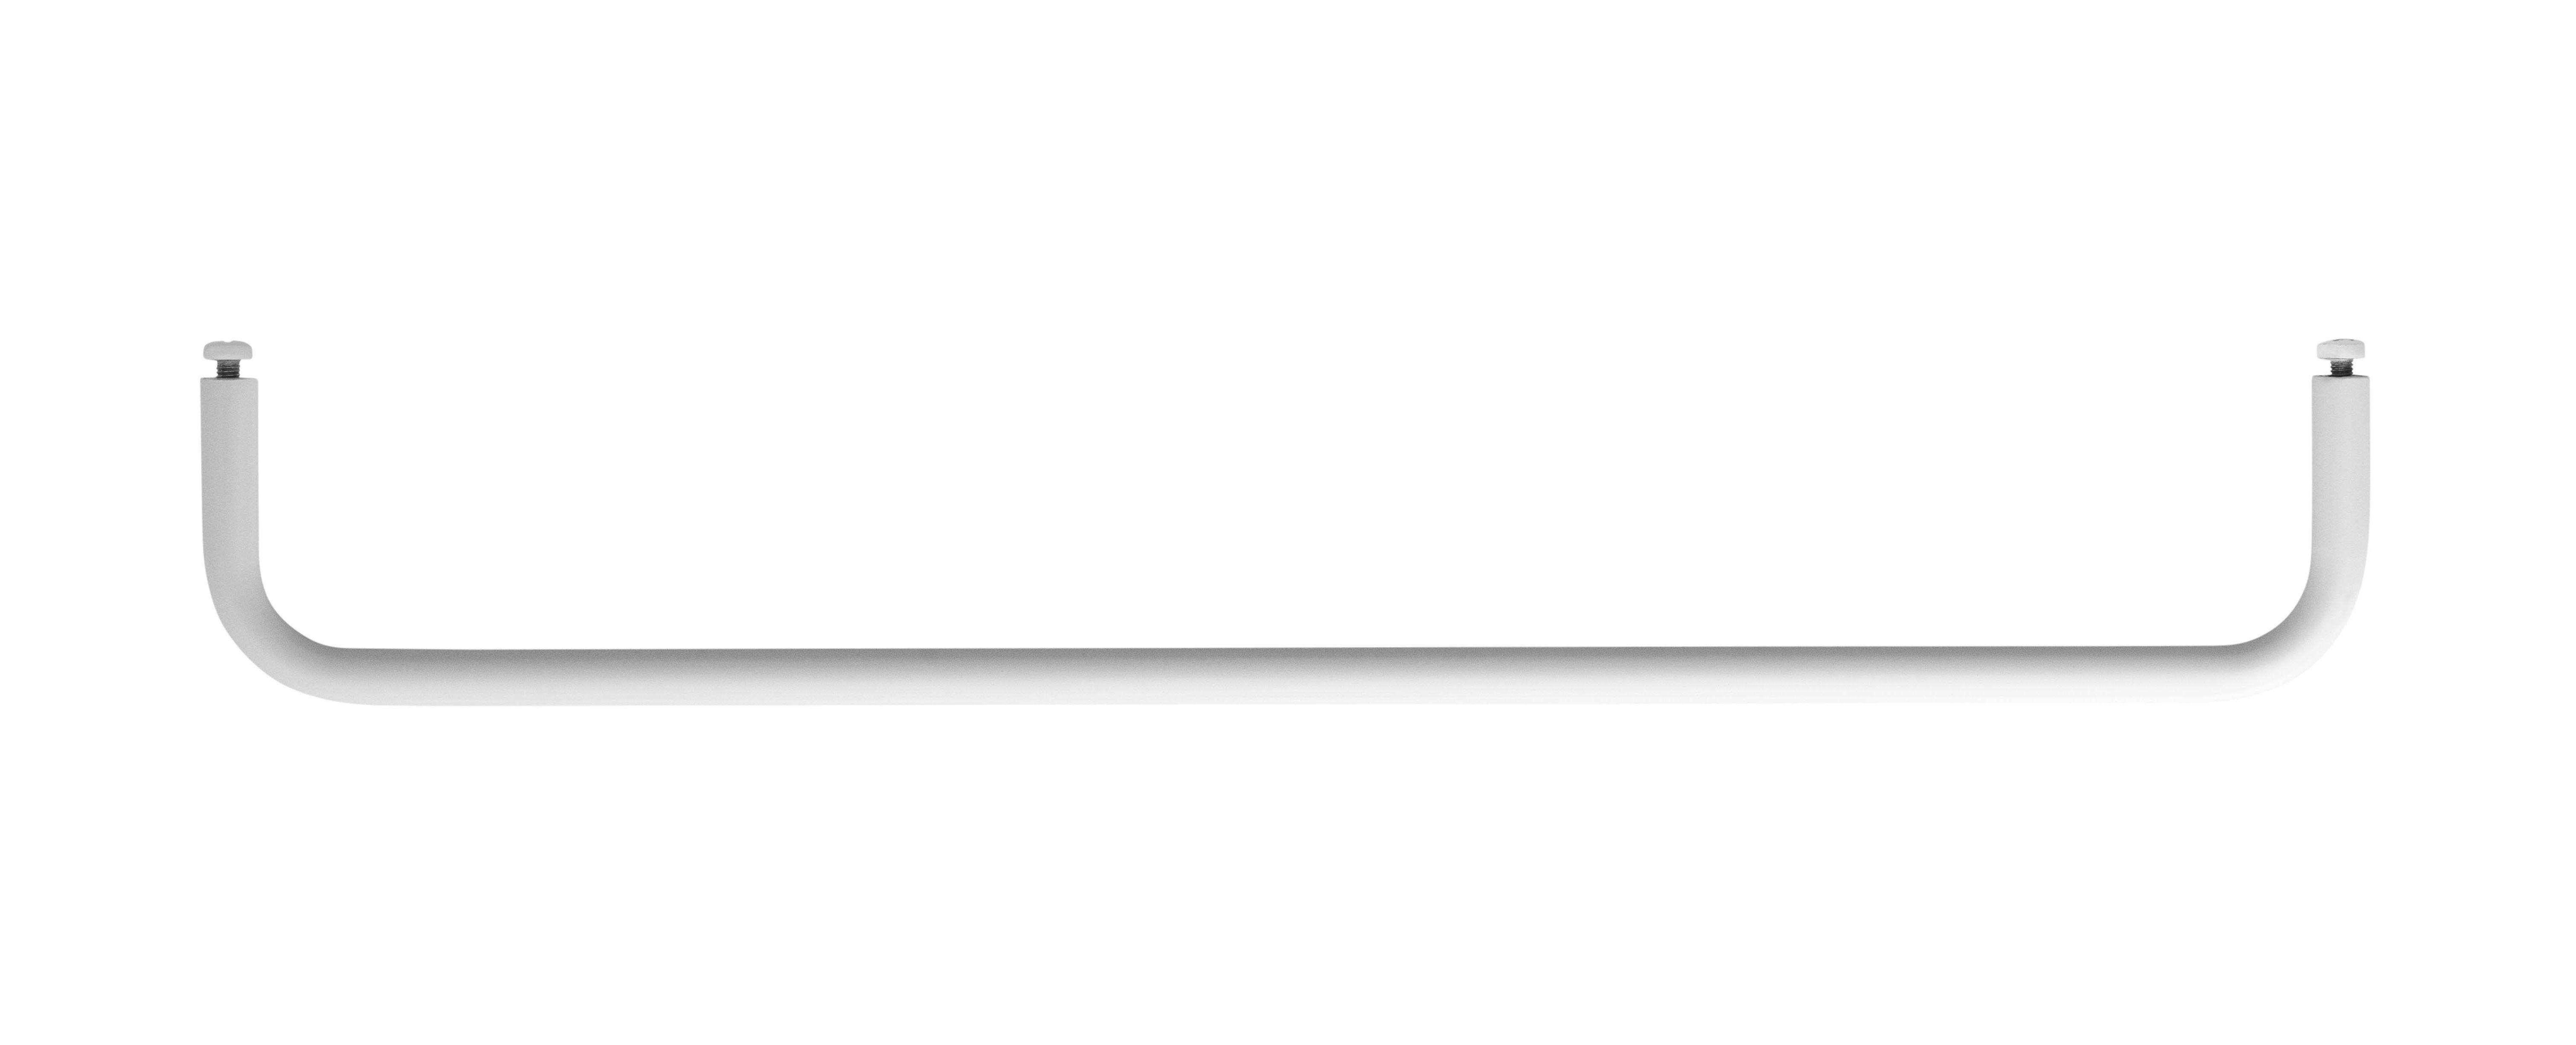 Arredamento - Scaffali e librerie - Sospensione bar Medium - / L 58 cm - Per mensole in metallo traforato di String Furniture - L 58 cm / Bianco - metallo laccato